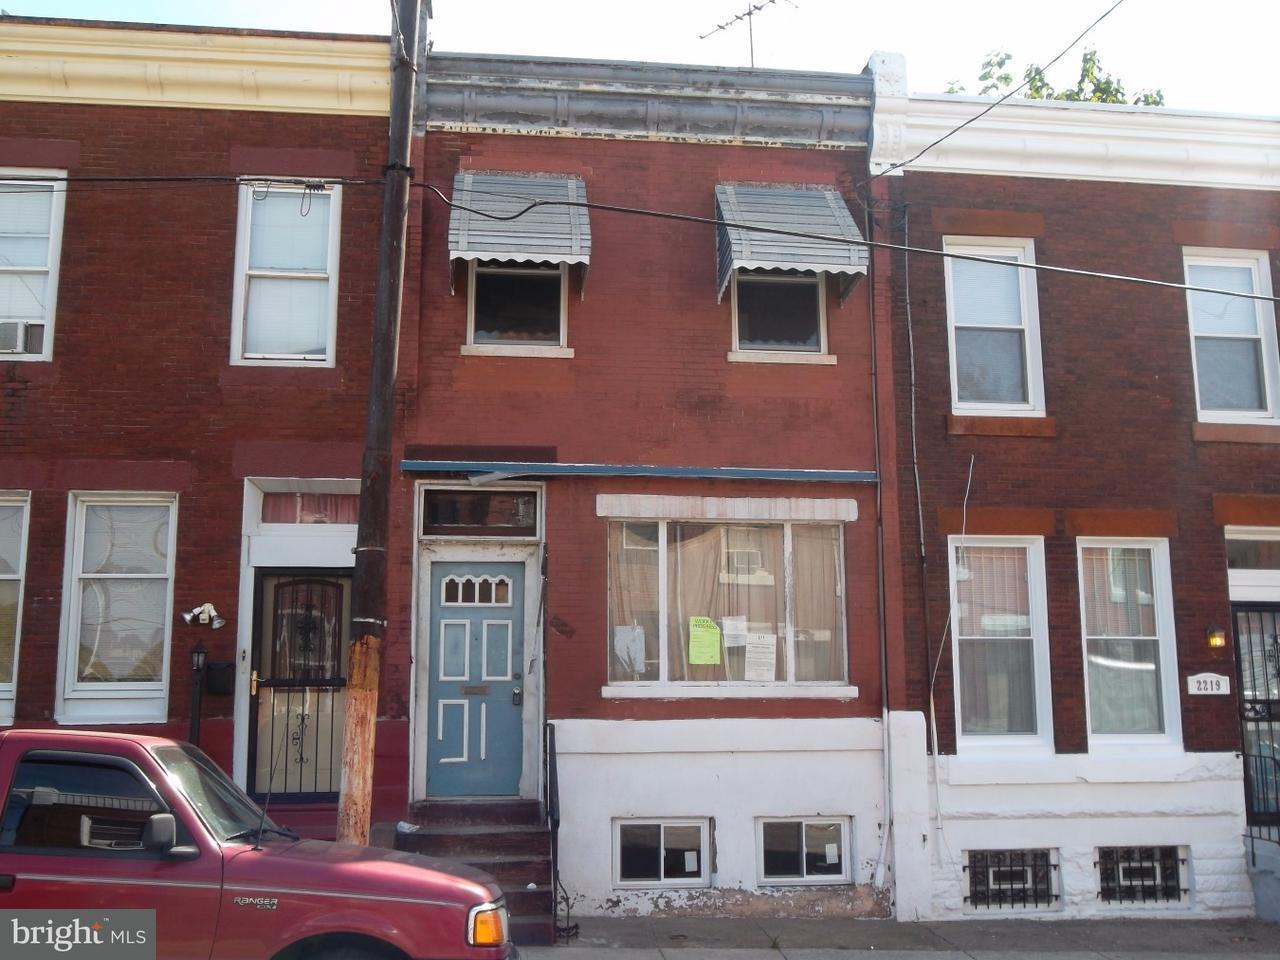 дуплекс для того Продажа на 2221 N 10TH Street Philadelphia, Пенсильвания 19133 Соединенные Штаты